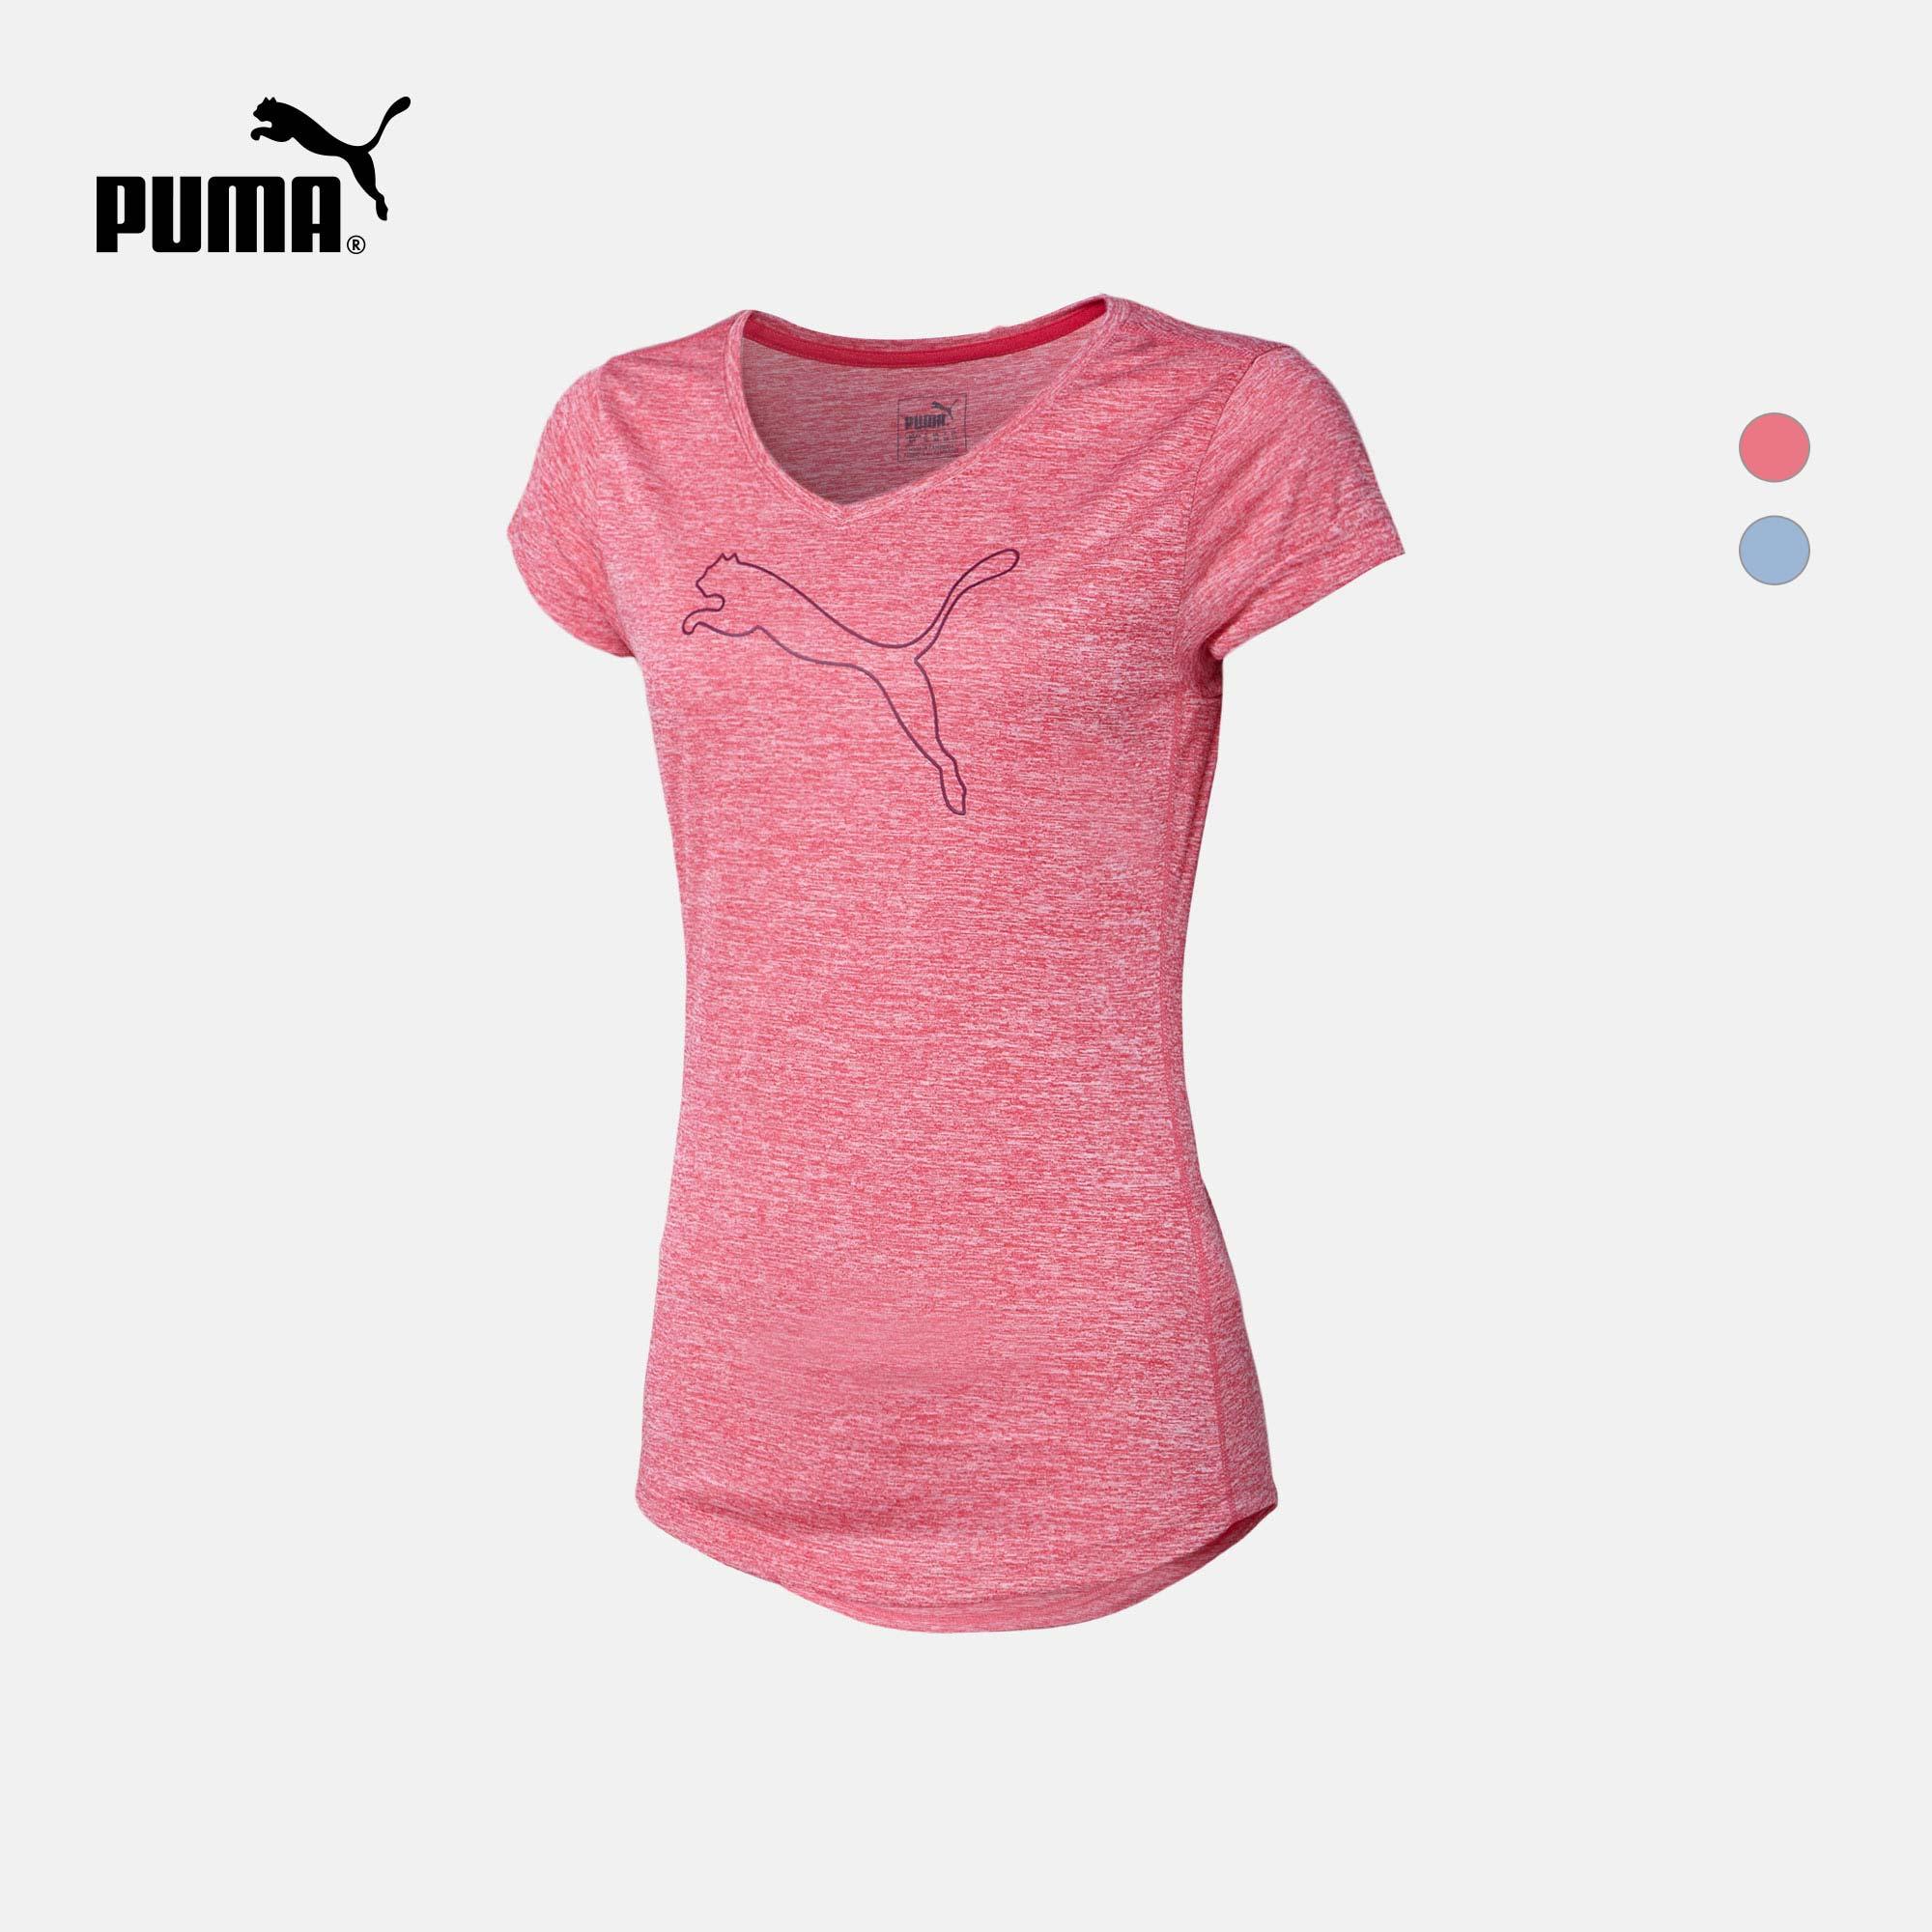 PUMA彪马官方 女子V领短袖T恤 Active Heather 514121